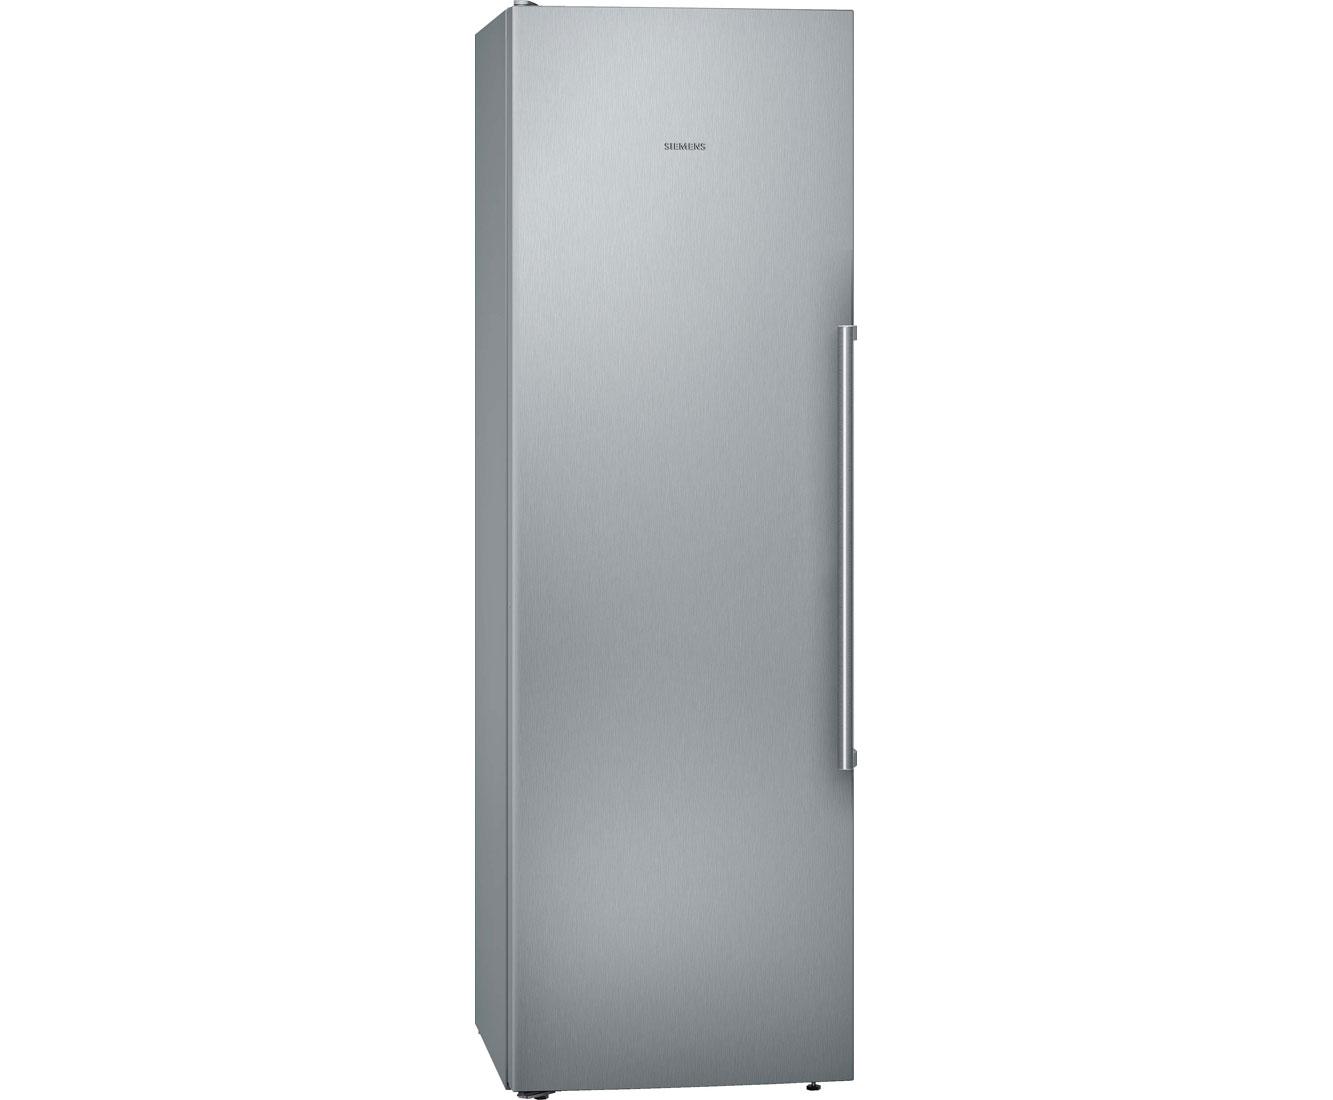 Siemens Kühlschrank Wie Lange Stehen Lassen : Siemens iq ks fpi p kühlschrank edelstahl a